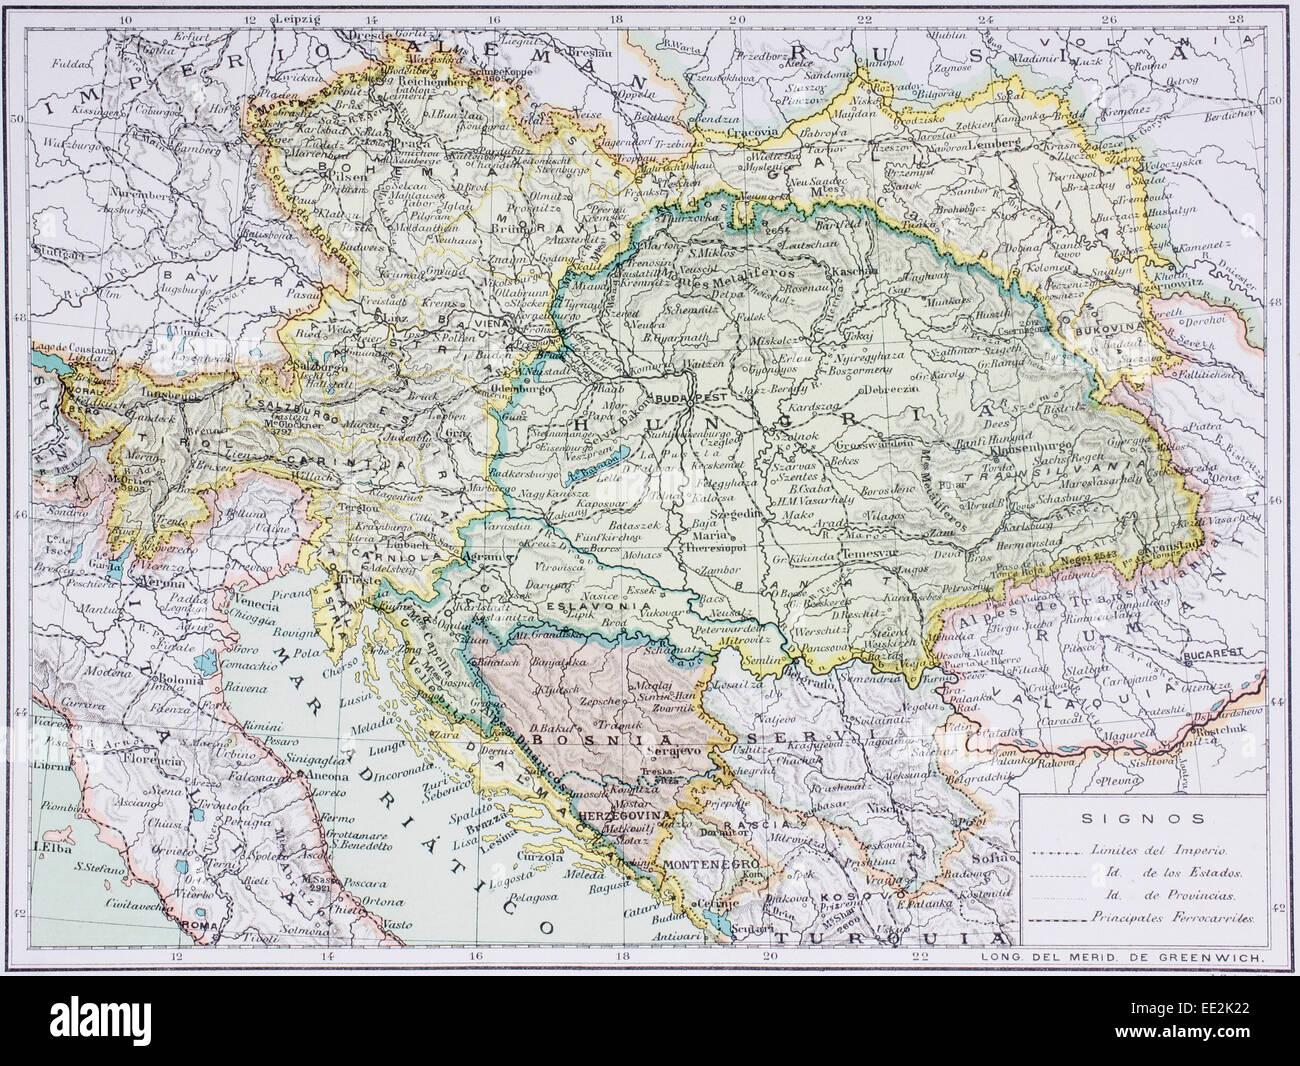 Mappa dell'impero austro-ungarico alla fine del ventesimo secolo. Mappa è in lingua spagnola. Immagini Stock